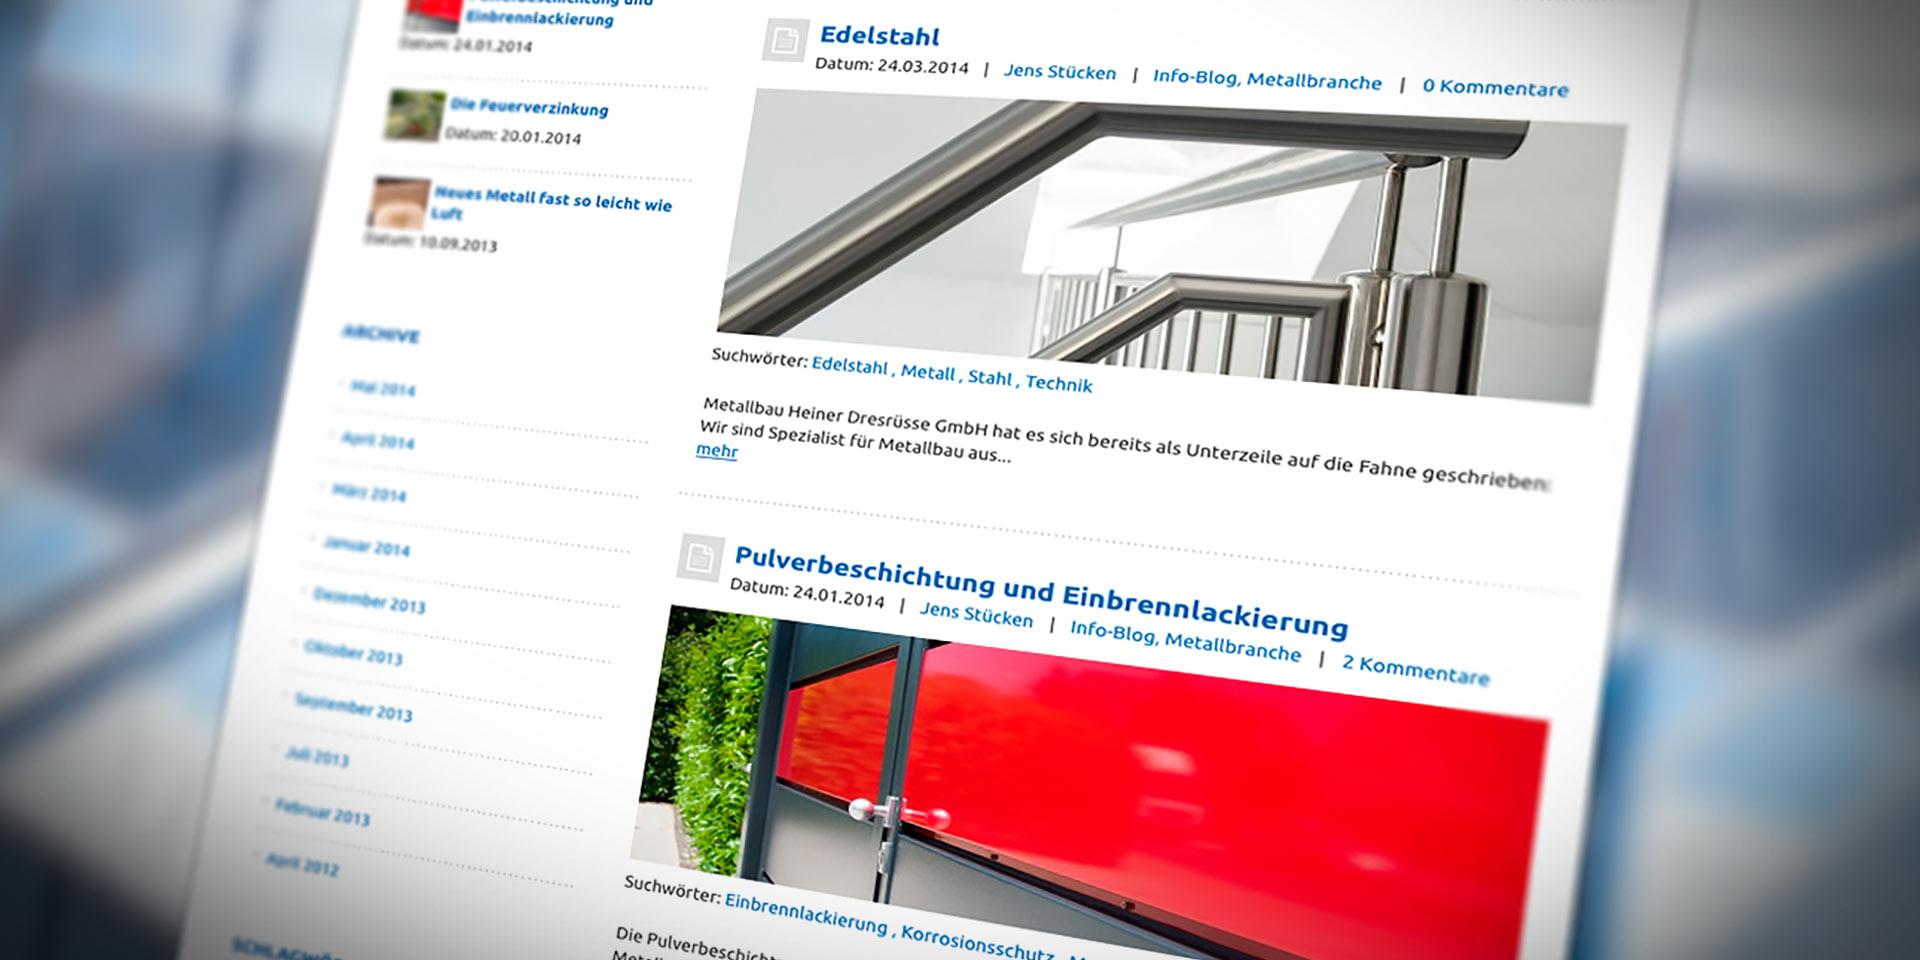 infoblog heiner dresrüsse